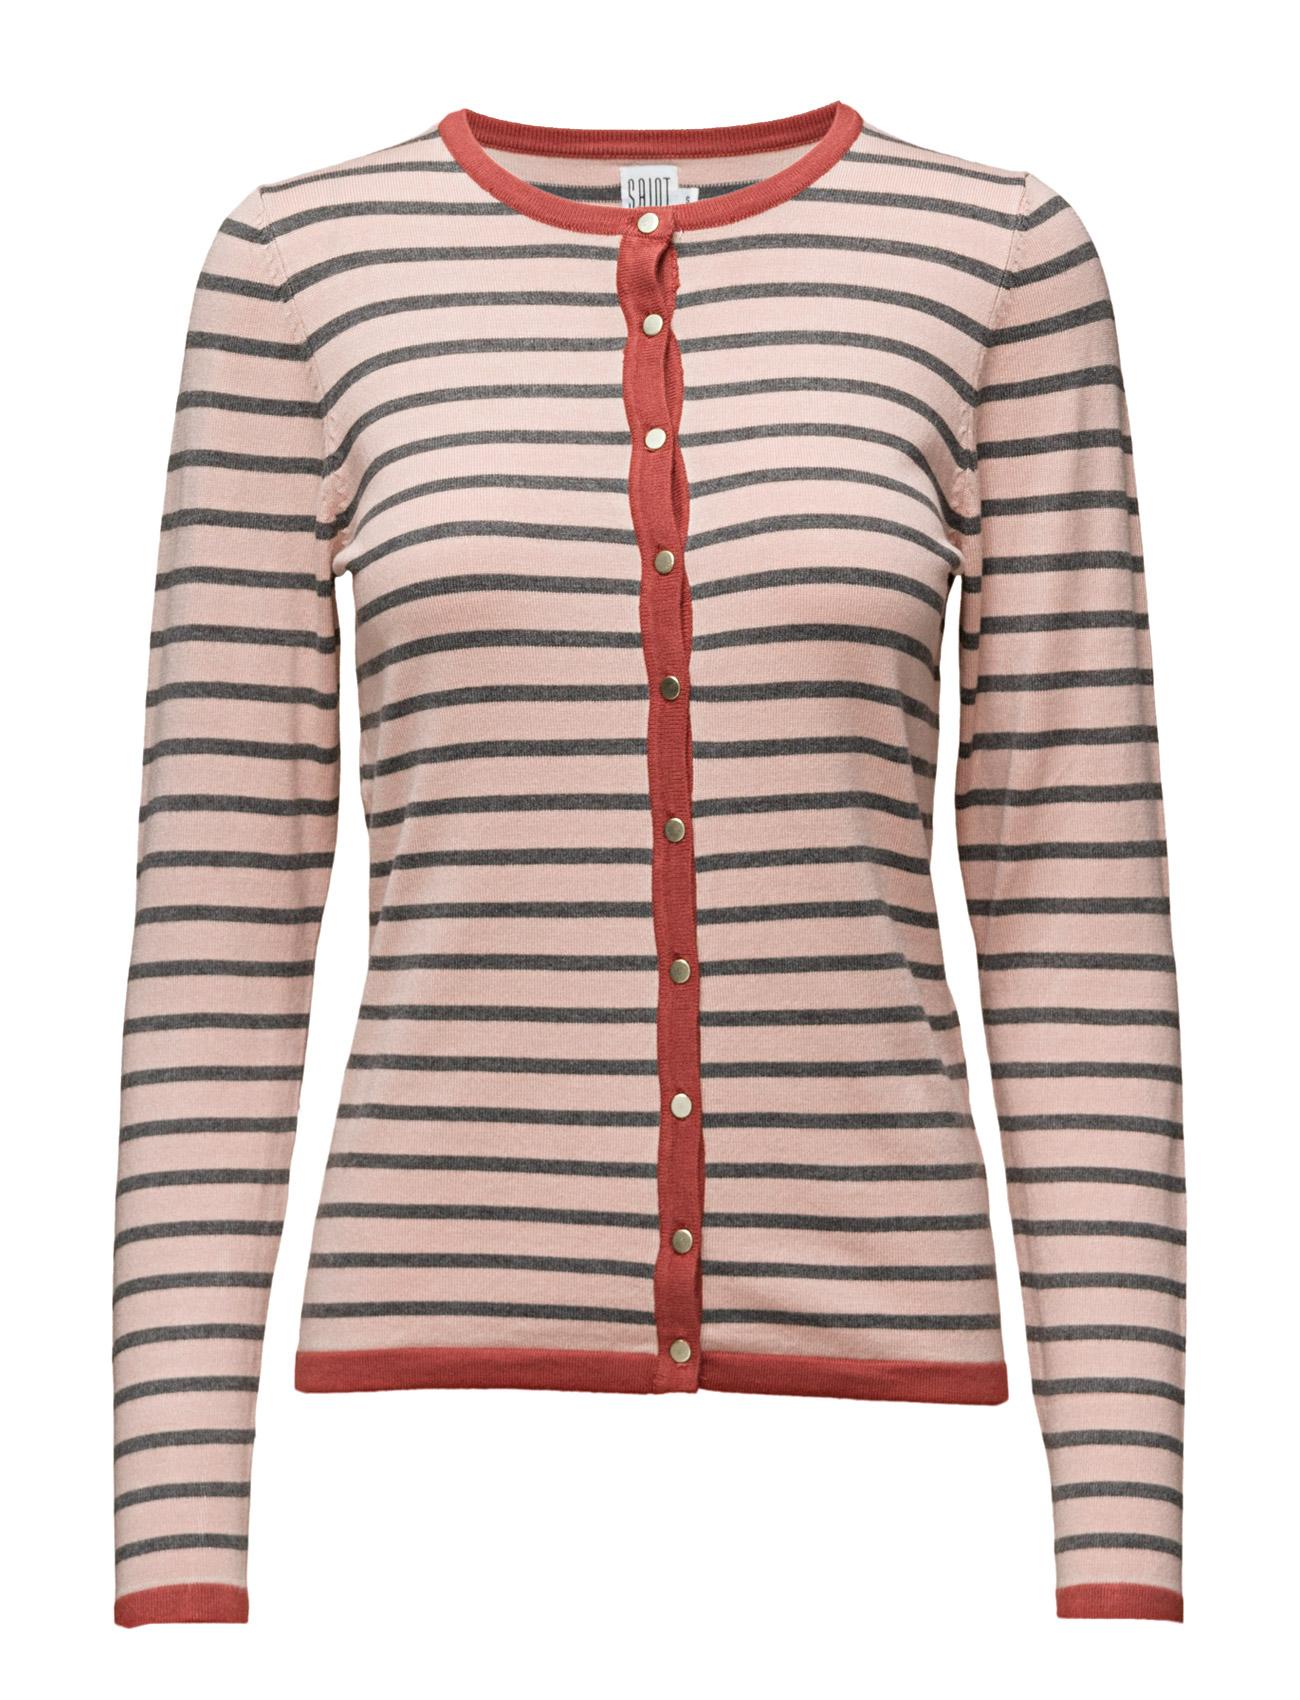 Knit Cardigan With Stripes Saint Tropez Cardigans til Kvinder i Bl Deep